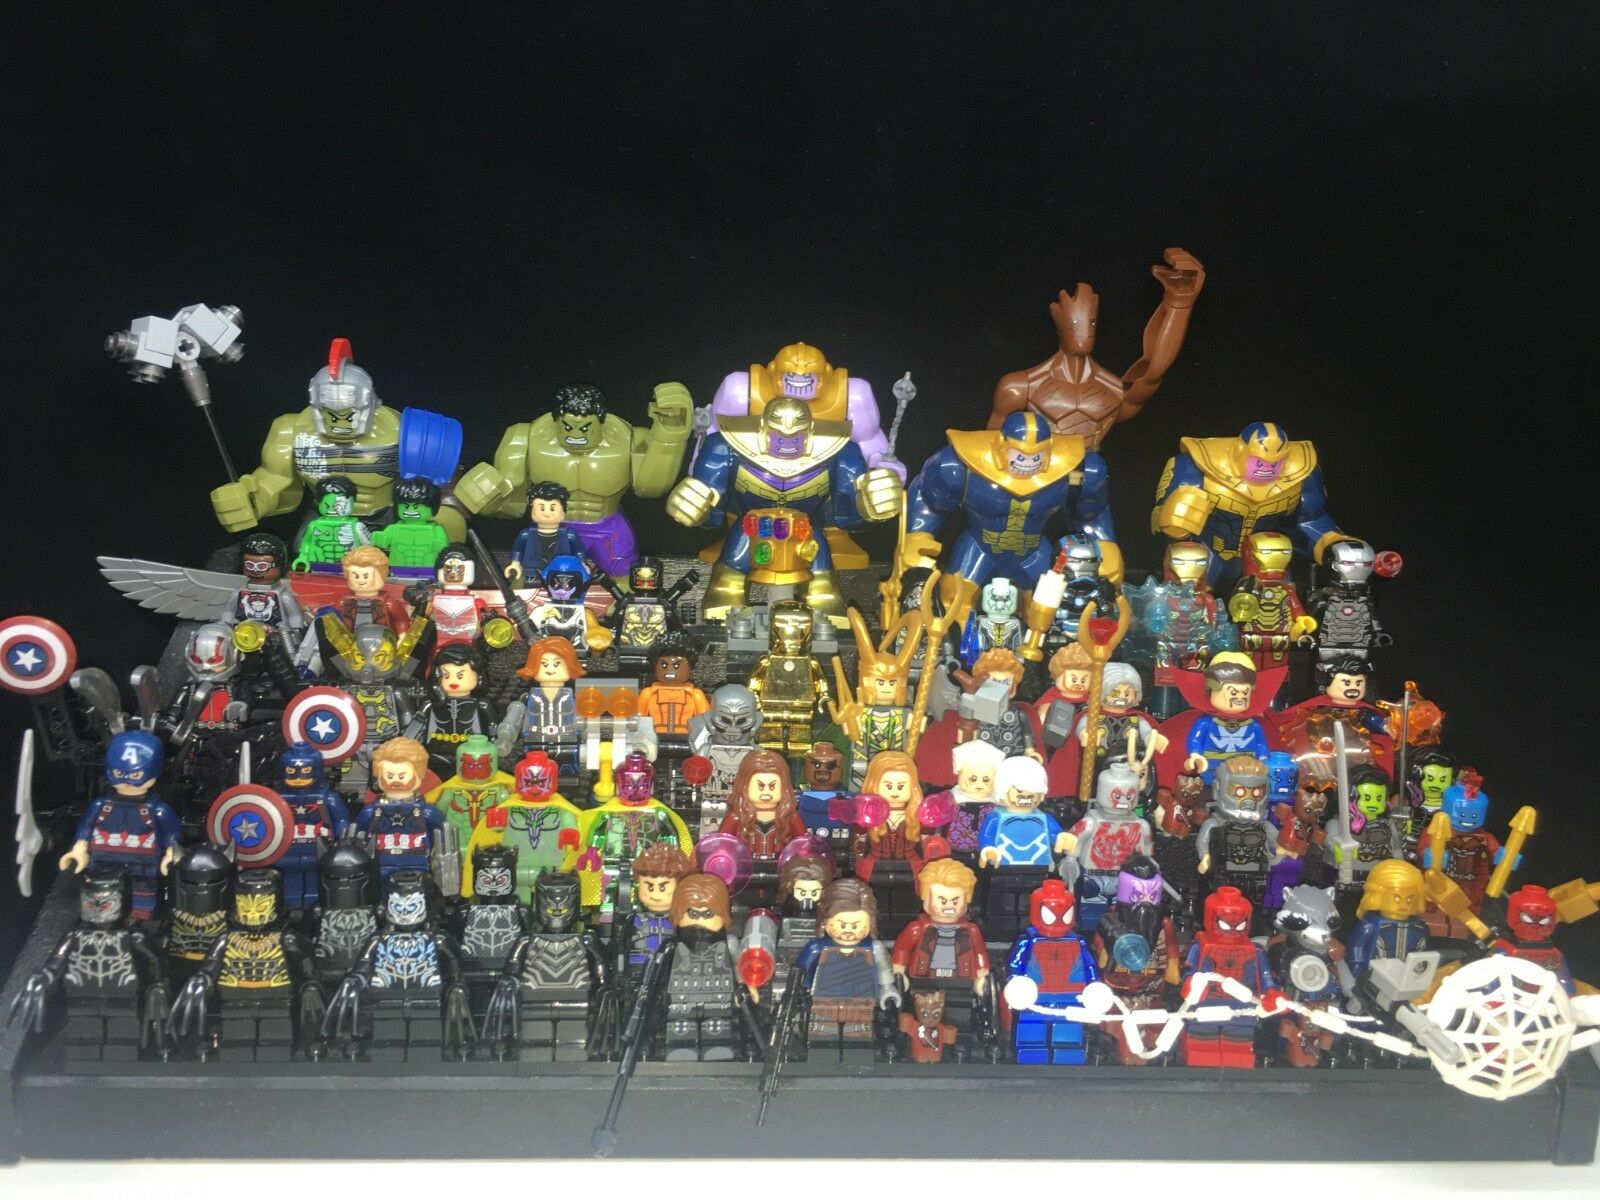 71 pcs Marvel Superhero Avengers 4 Full Set premium Thanos fit Lego Mini figure